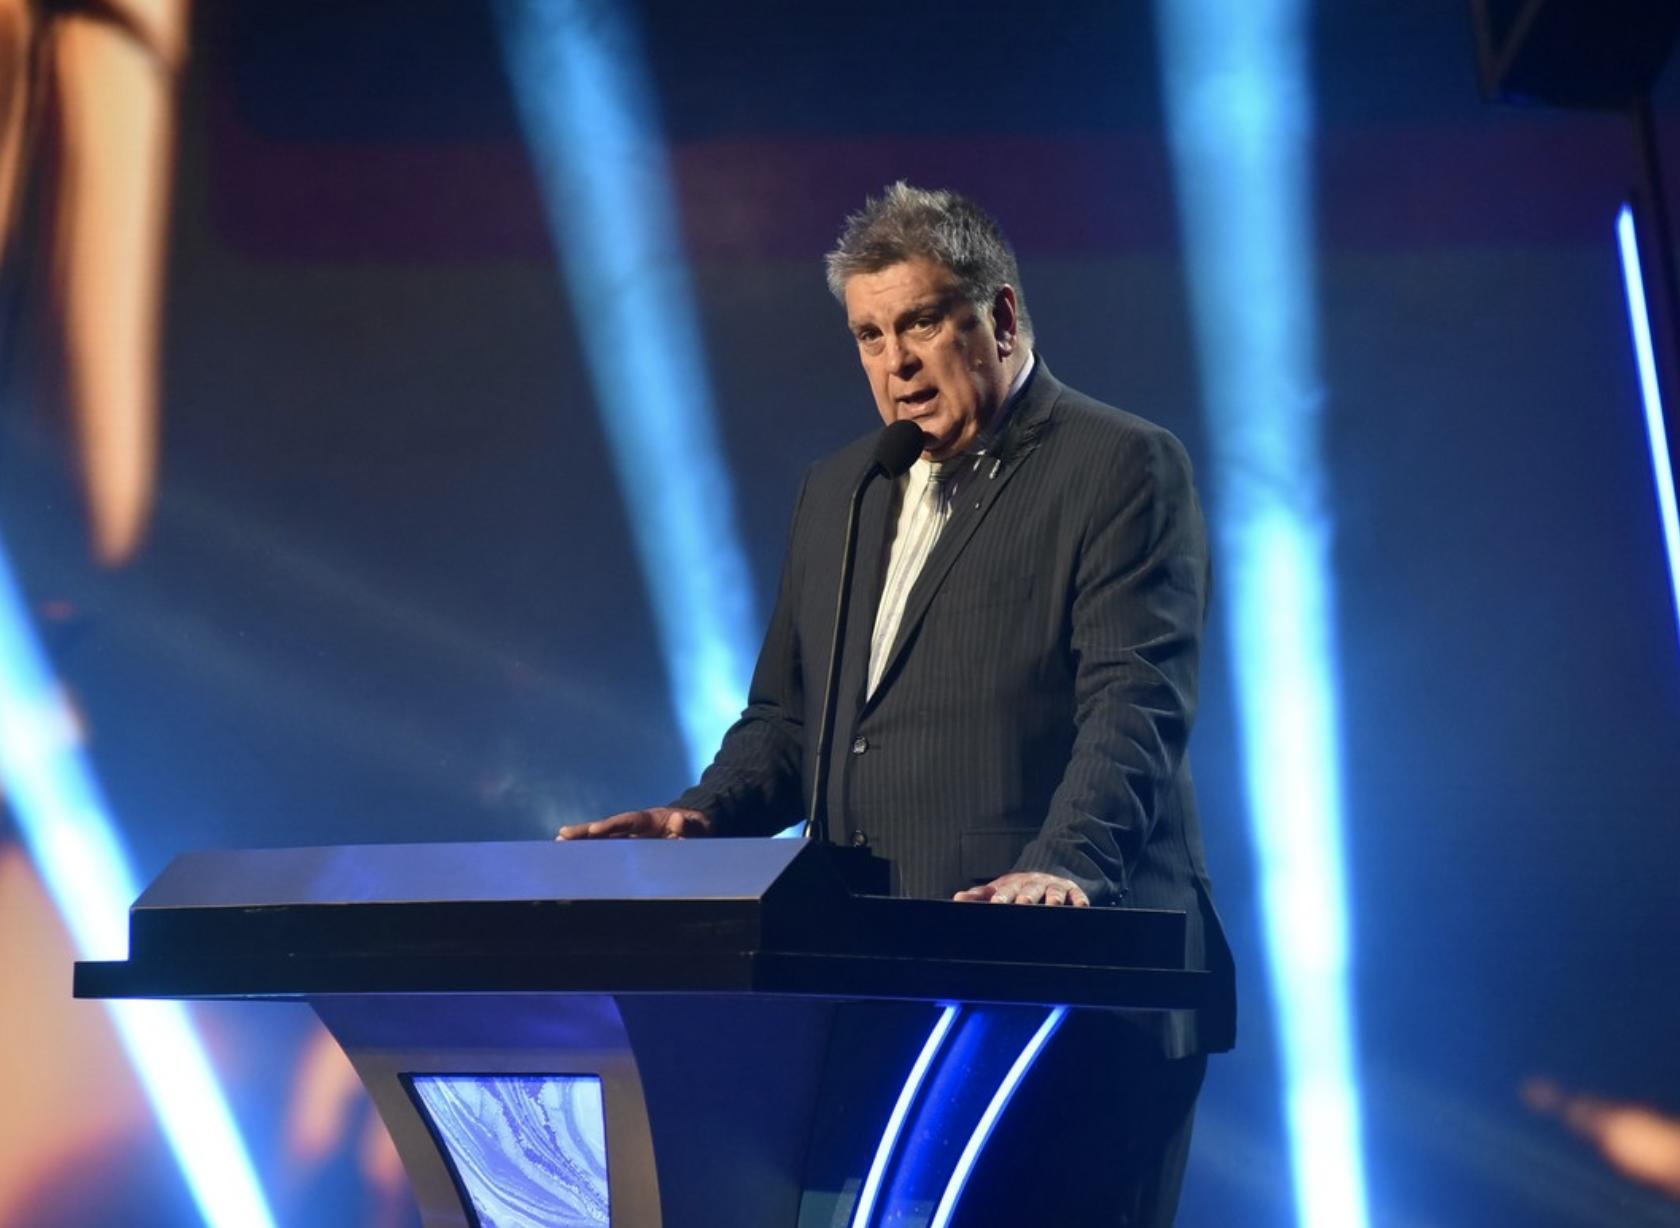 Luis Ventura, presidente de APTRA, pidió disculpas por los 17 olvidos en el segmento.